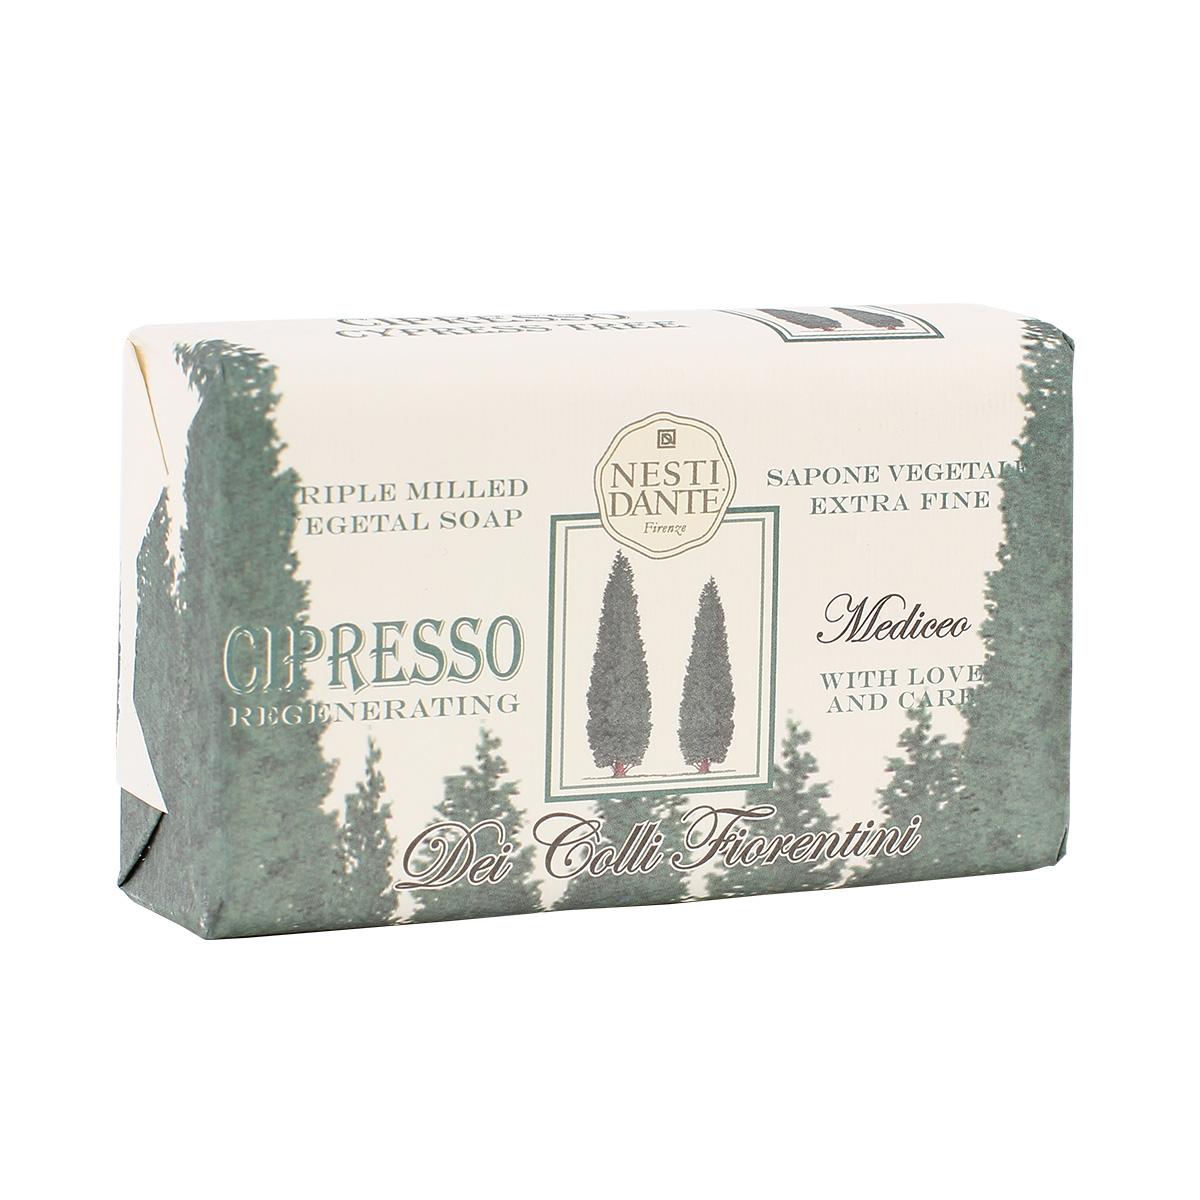 nesti dante dei colli fiorentini cypress tree basische. Black Bedroom Furniture Sets. Home Design Ideas